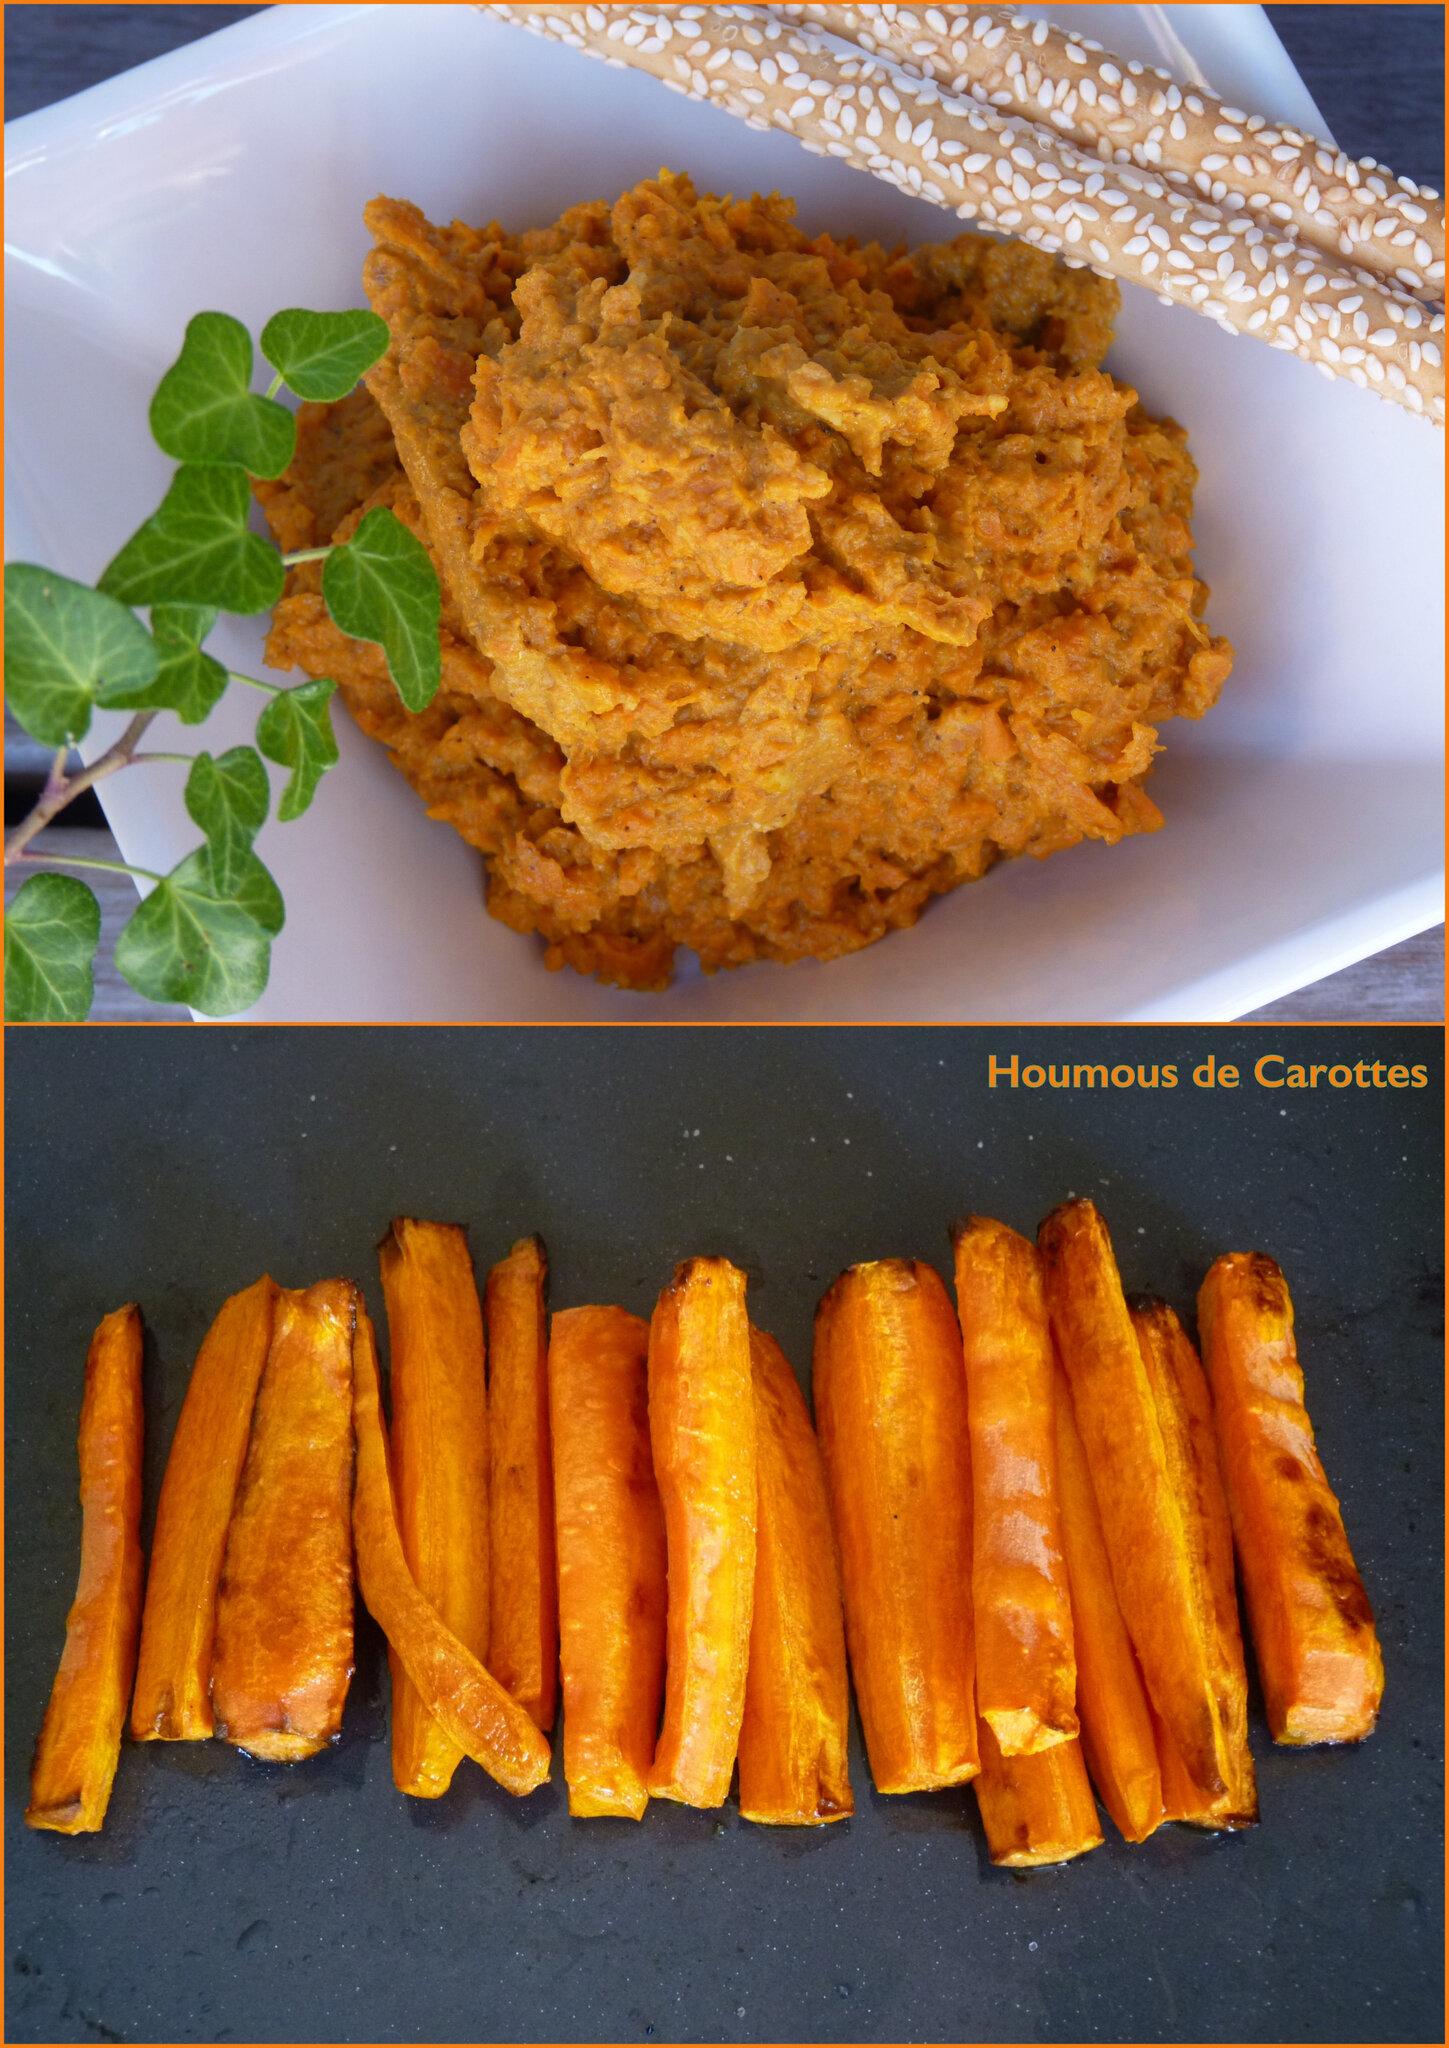 Houmous de carottes